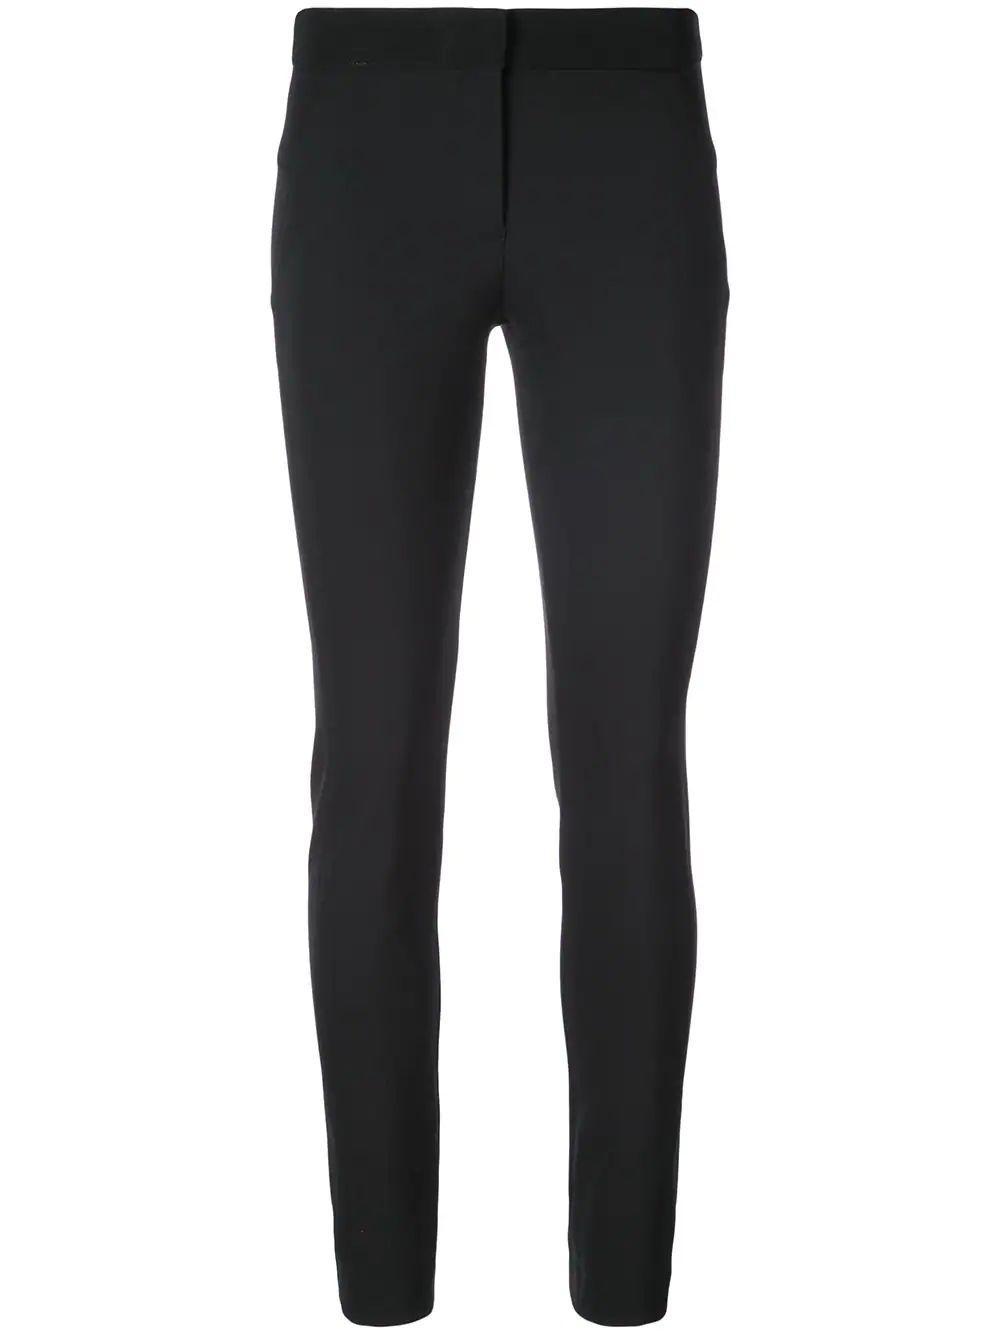 Bi Stretch Scuba Legging Item # CORE-BSS6037-PF18